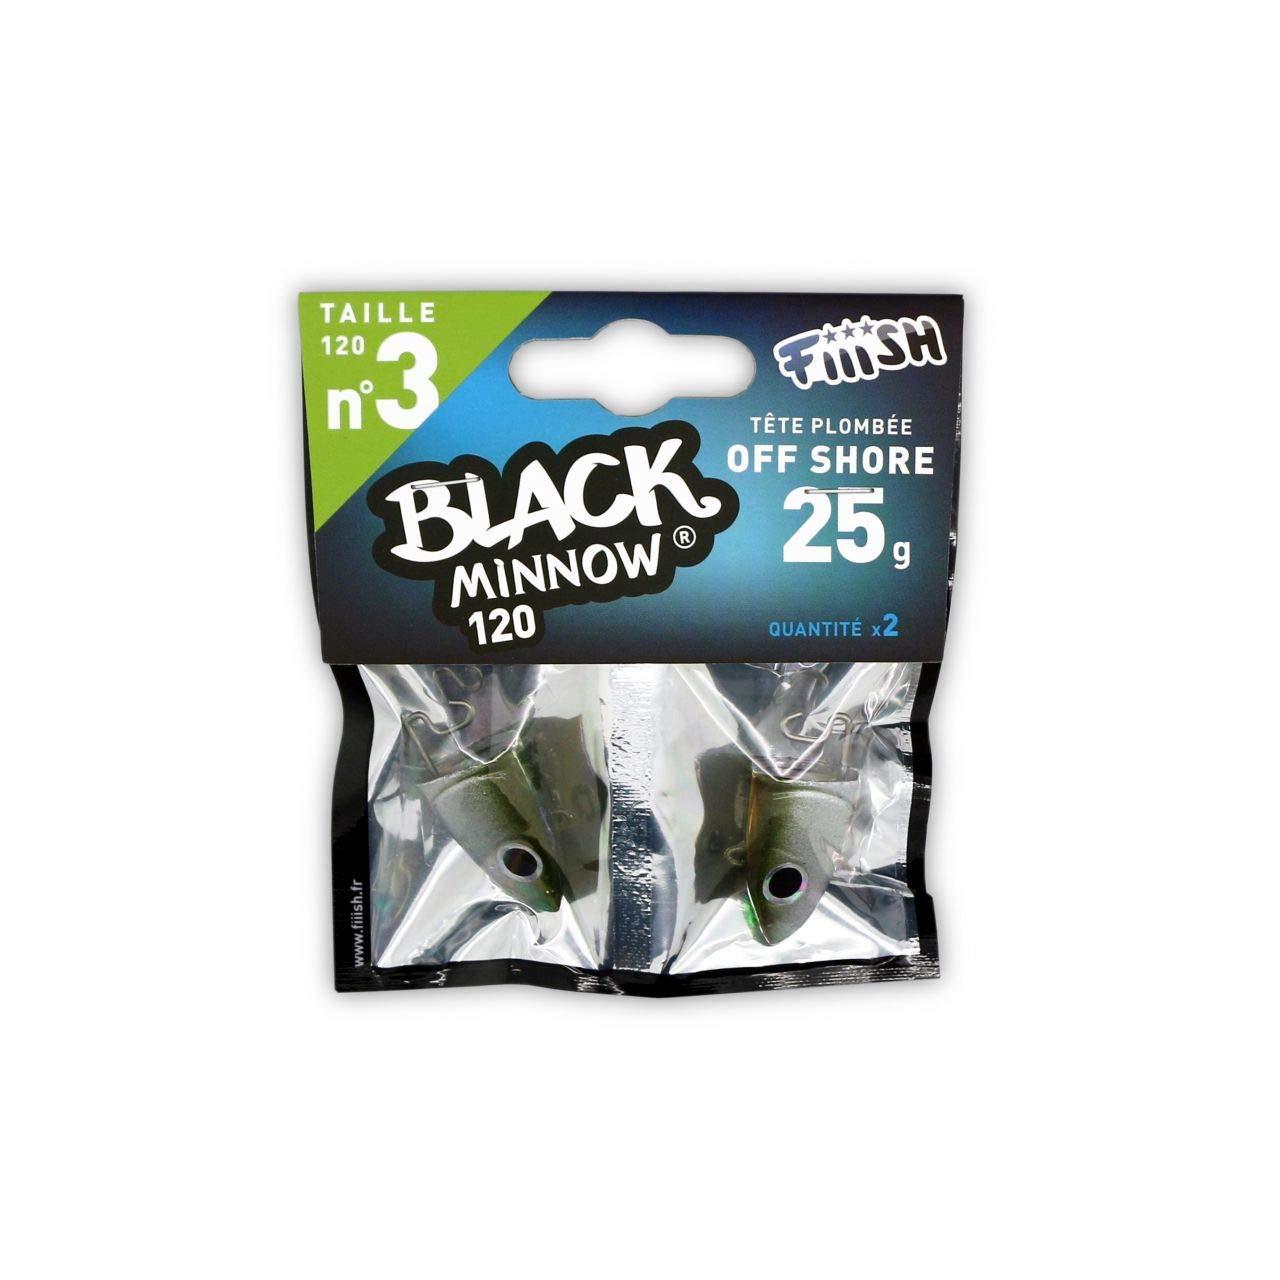 Kaki//Silver 25 g Fiiish Black Minnow 2 Fishing Jig Heads